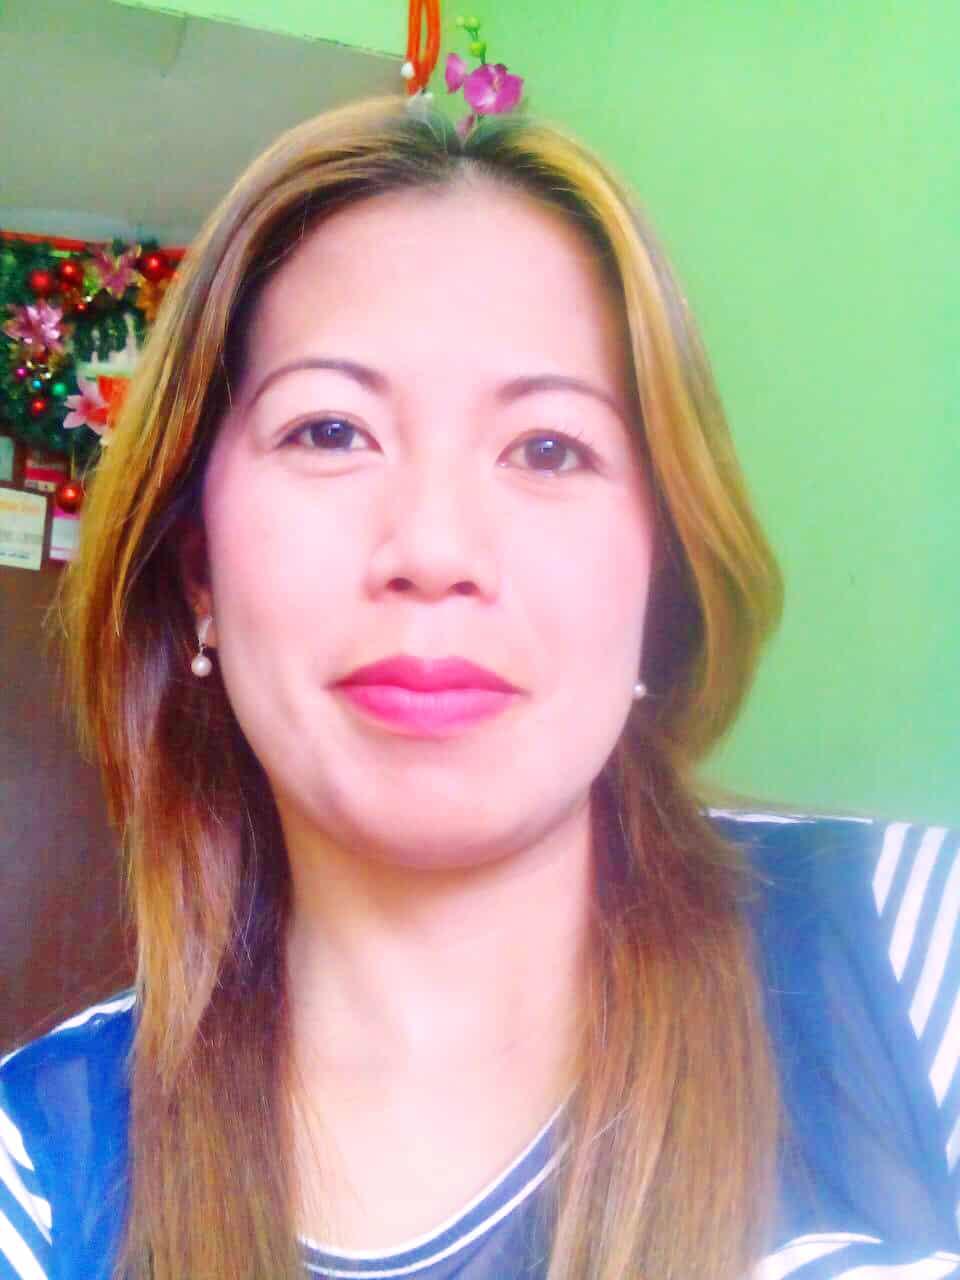 フィリピン女性の写真-国際結婚希望のマリアカトリーンさん